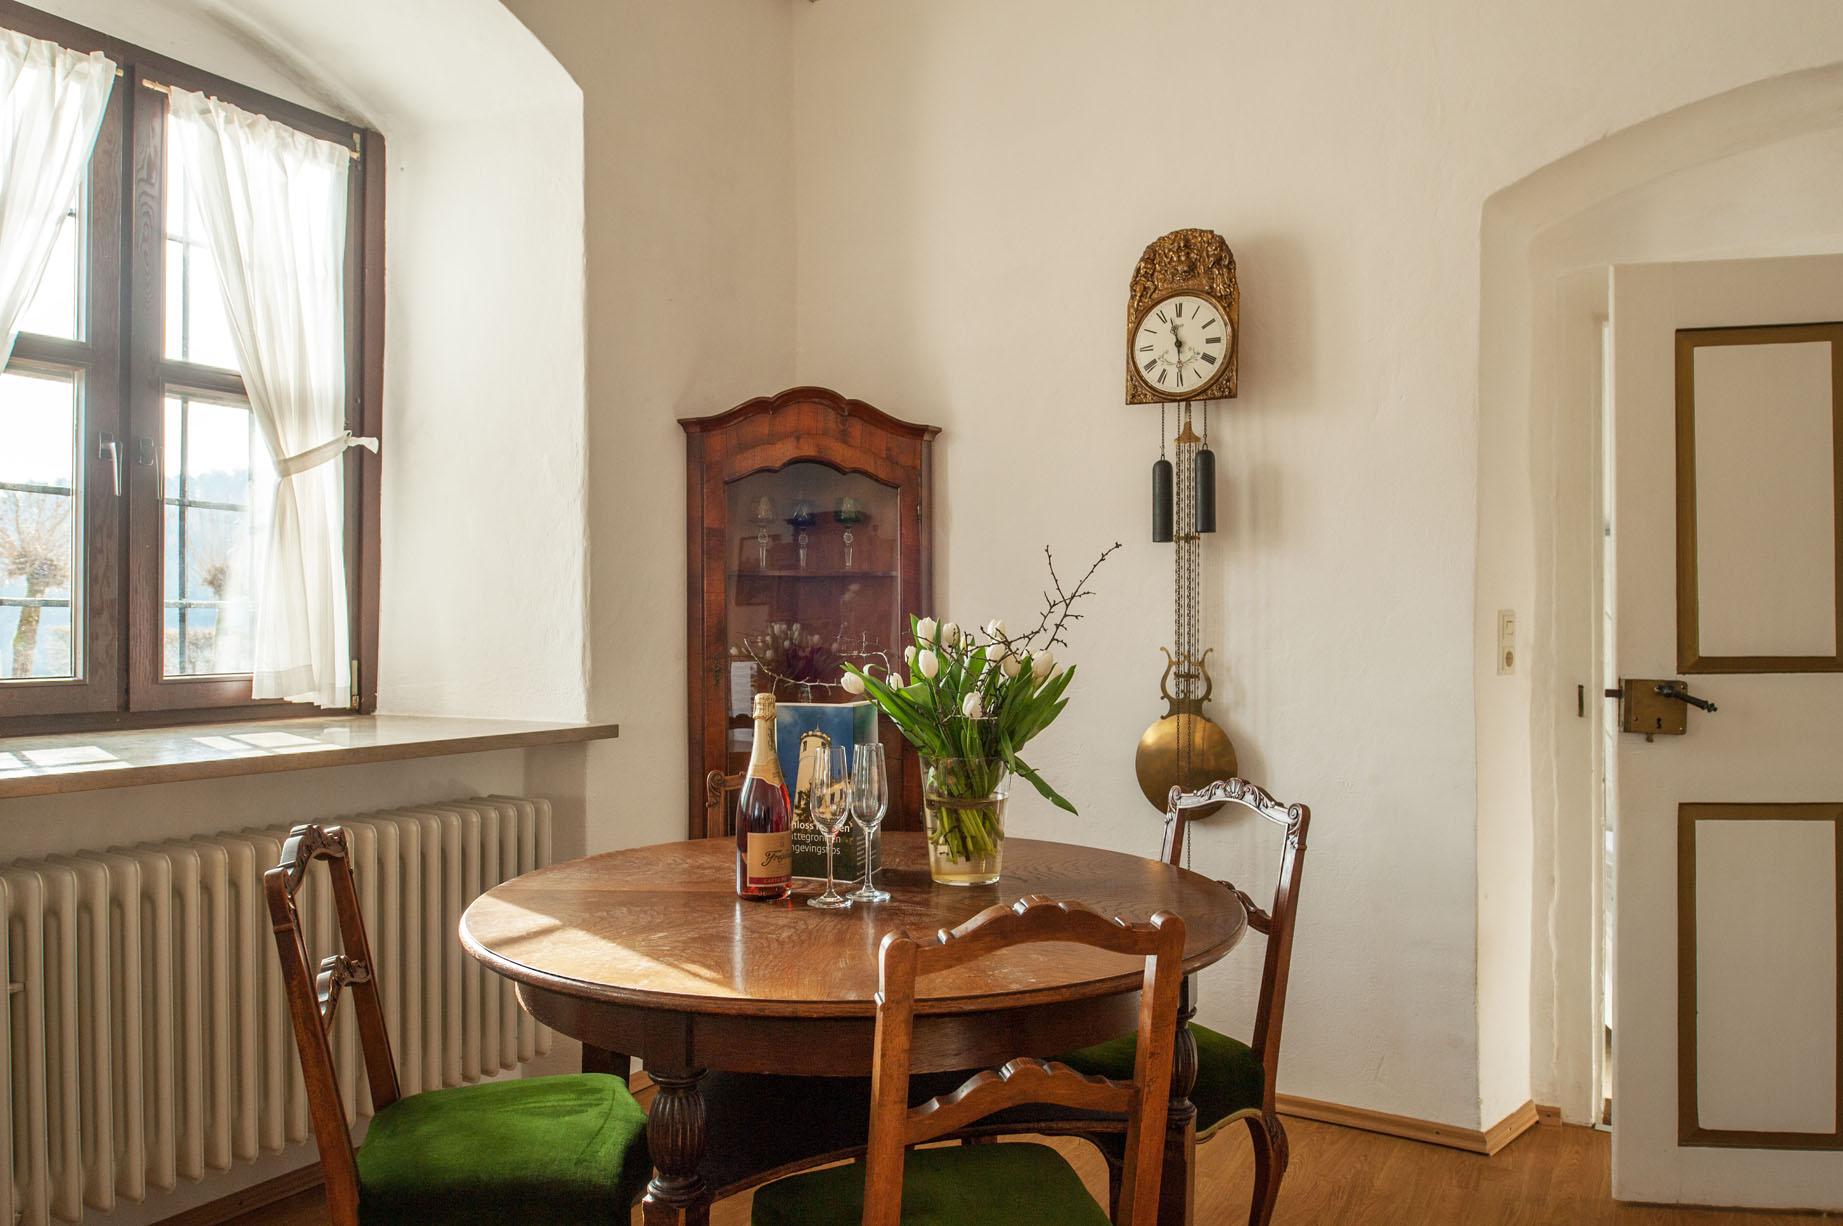 Vakantiehuis Duitsland Beieren 7 pers